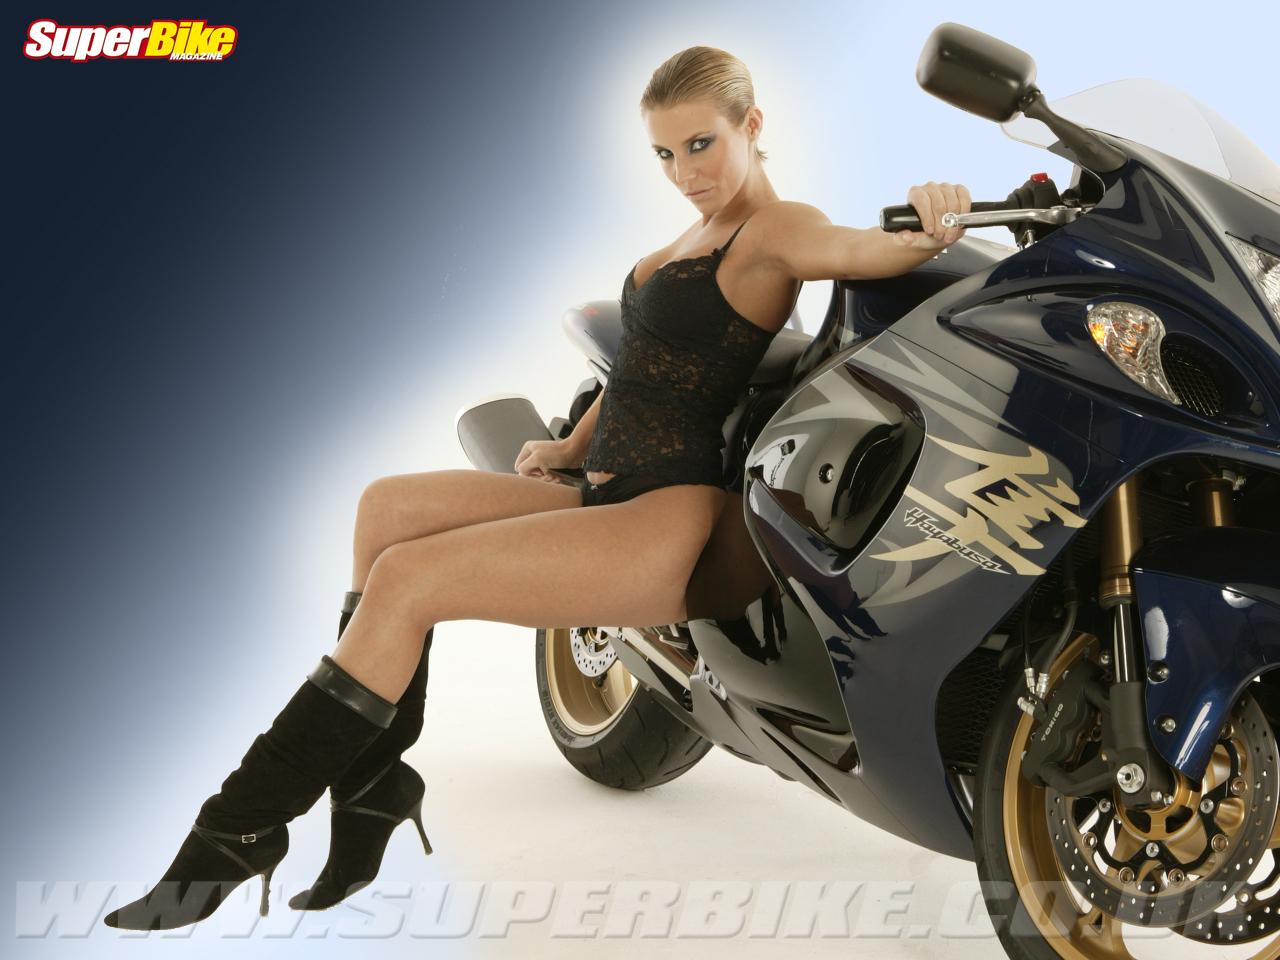 http://4.bp.blogspot.com/_rqqtSGINUiY/TPULu8zoDrI/AAAAAAAAAEc/JxZ3L_7nZ48/s1600/hayabusa_sport_bike.jpg